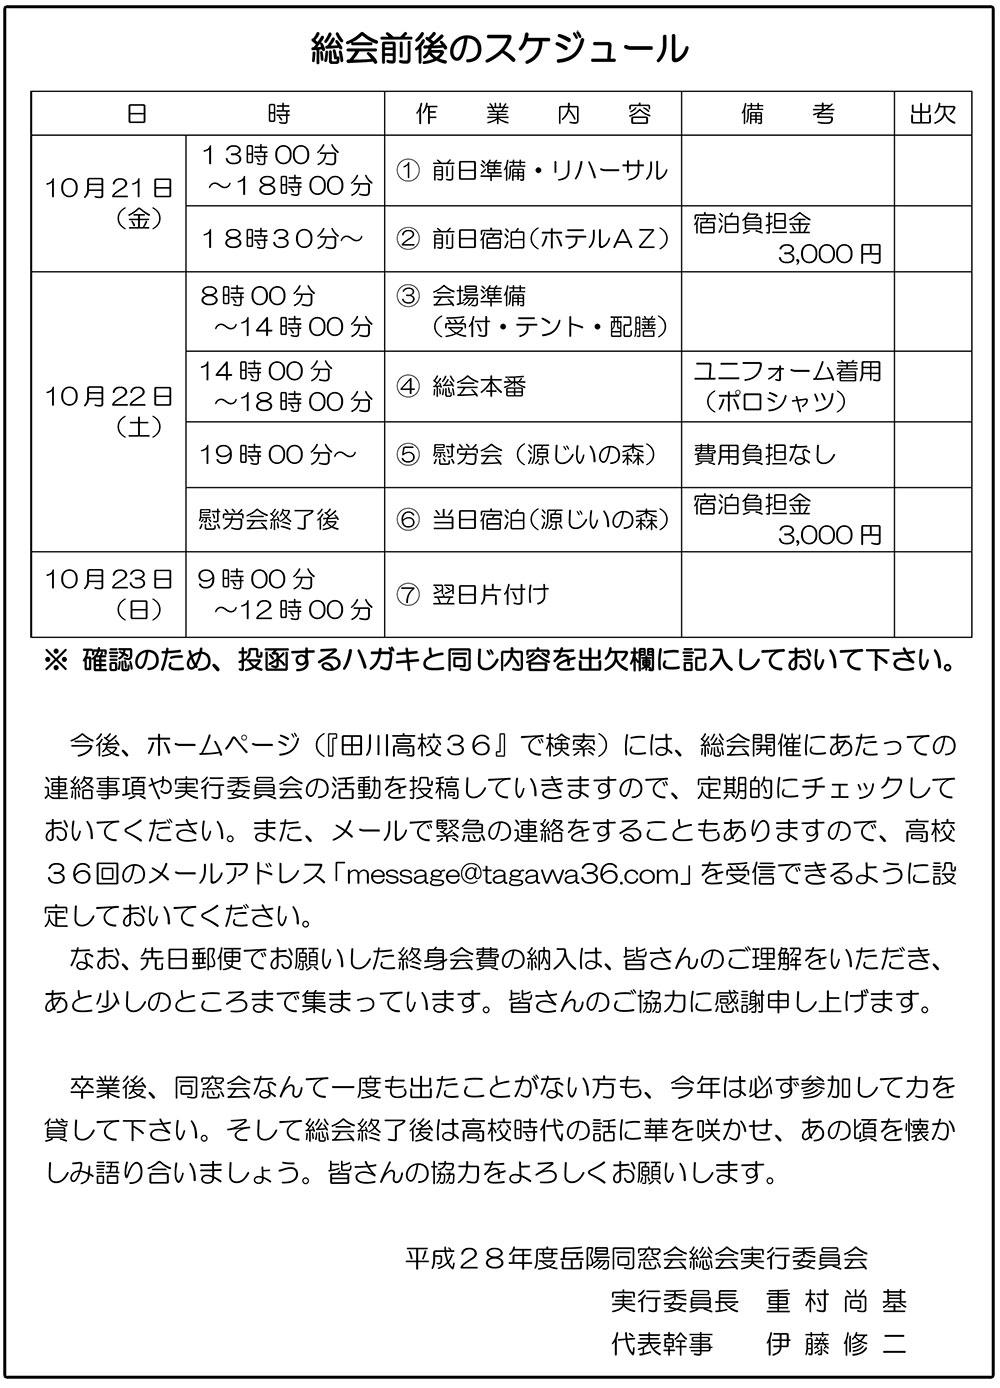 総会スタッフ協力依頼同級生宛(修正後)-2